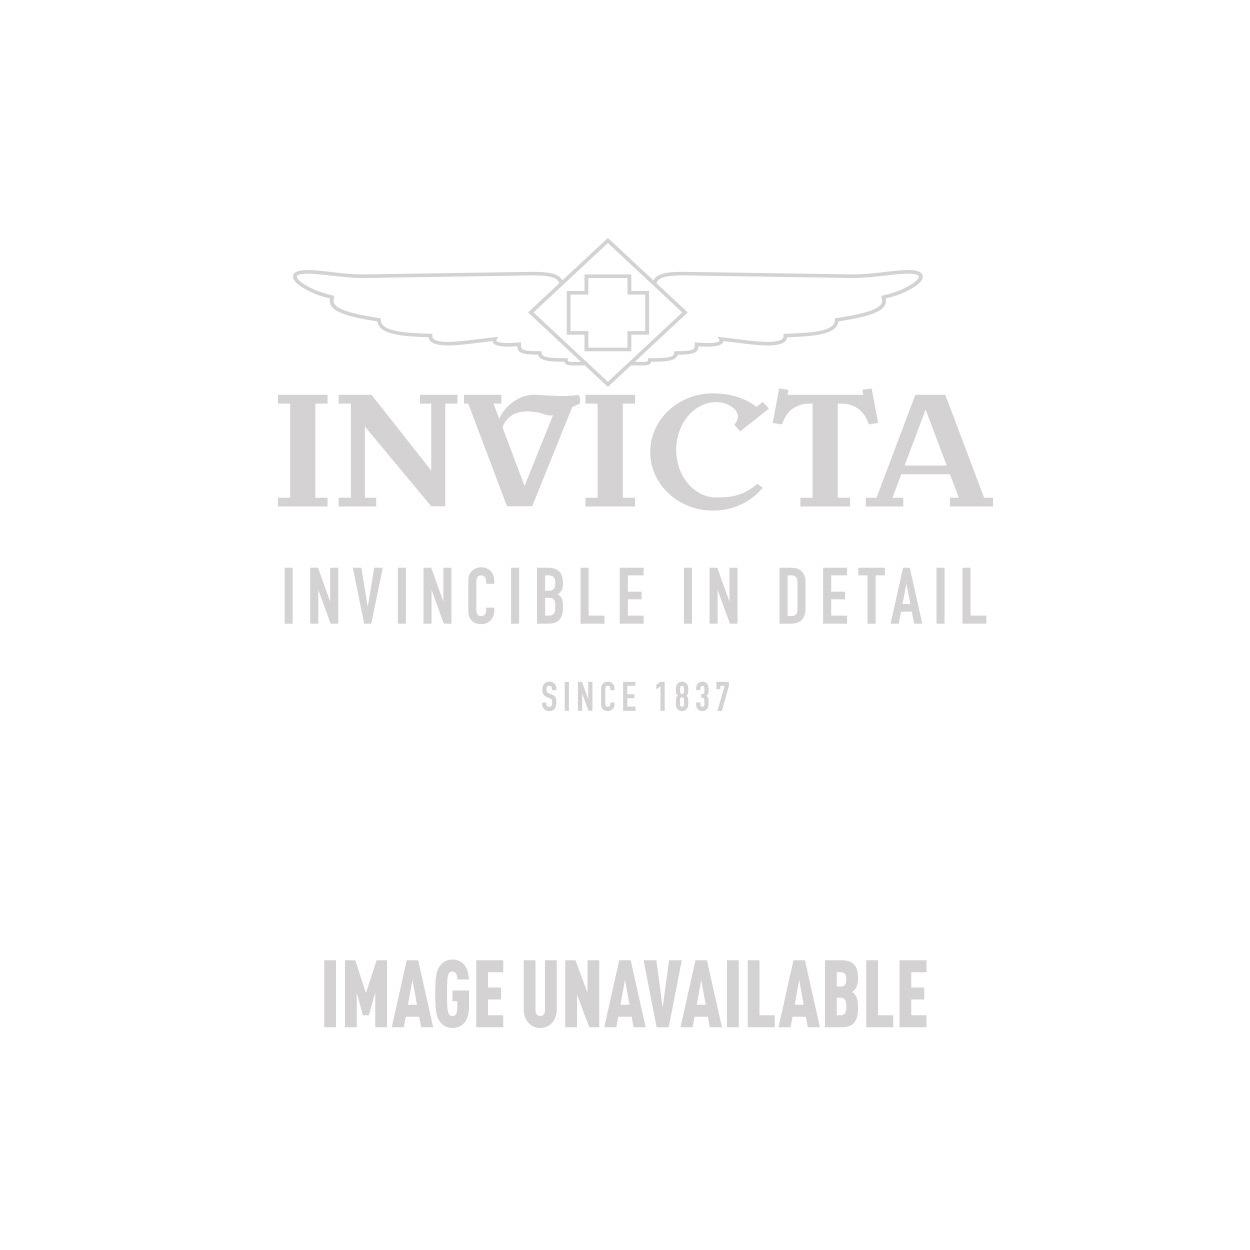 Invicta Model 26967